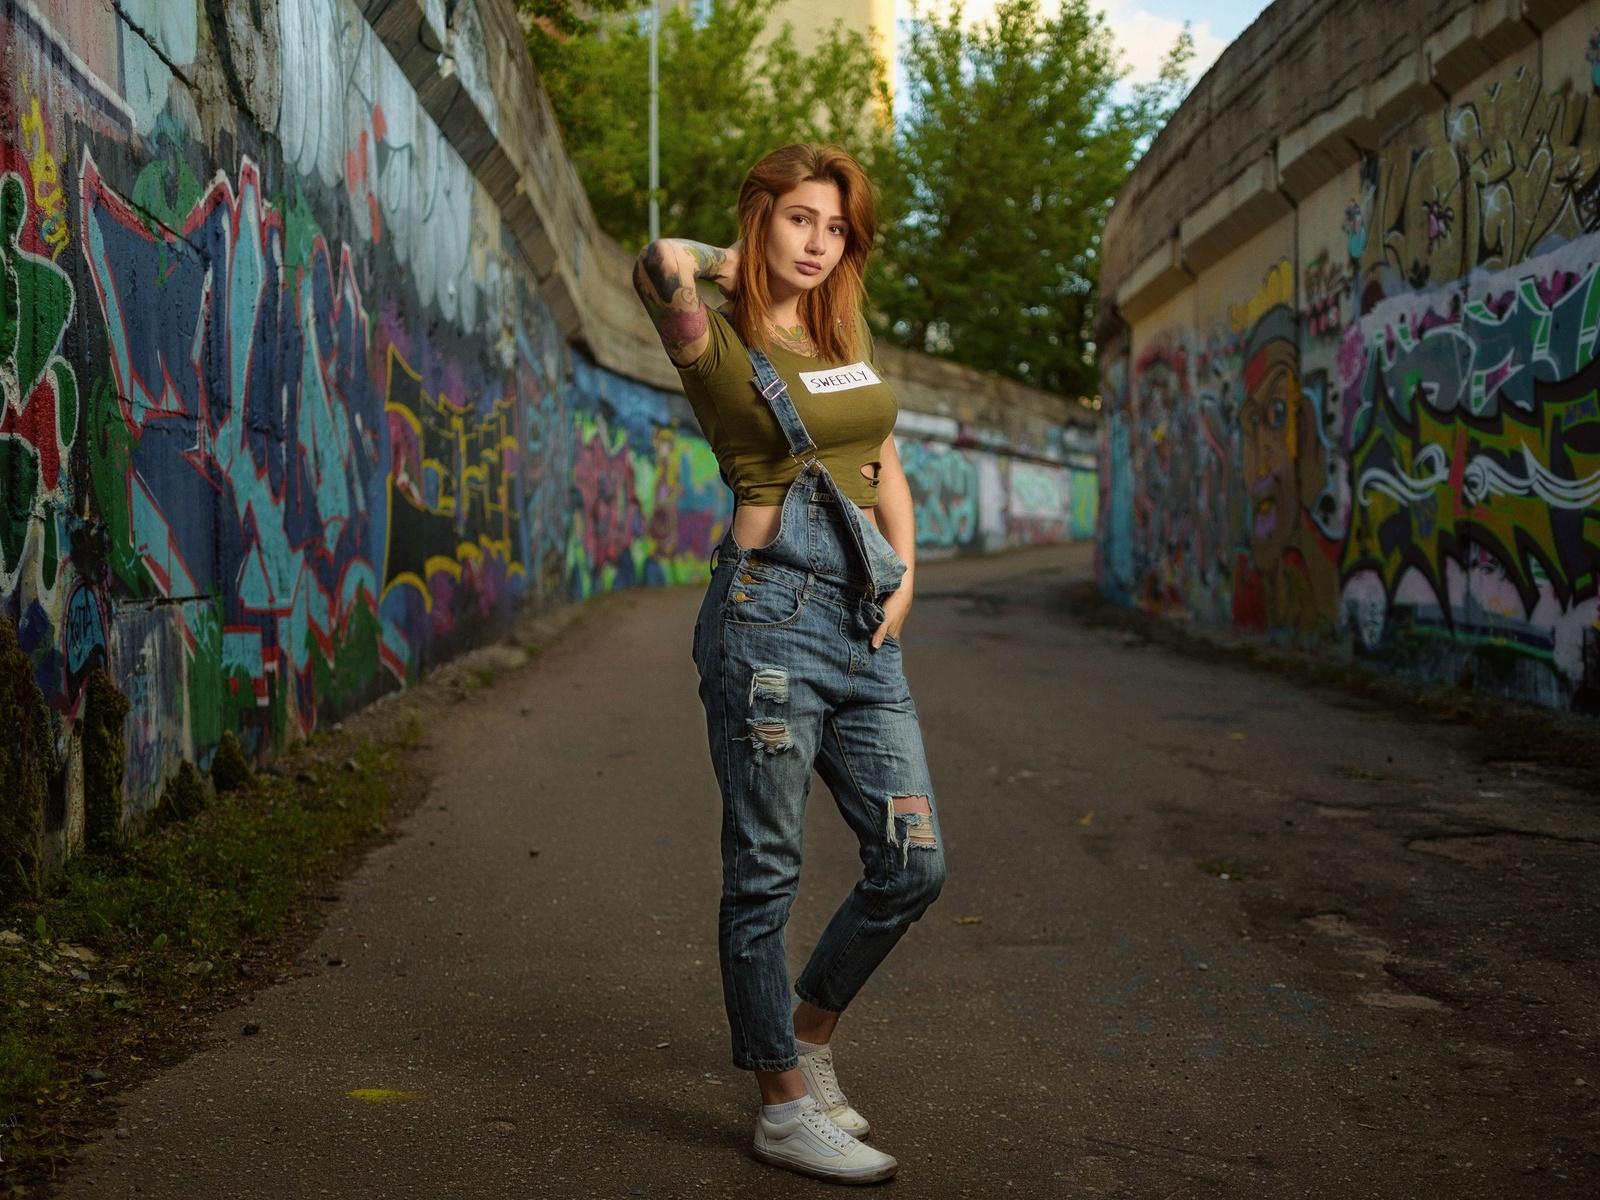 девушка, стена, граффити, фотограф, дмитрий медведь